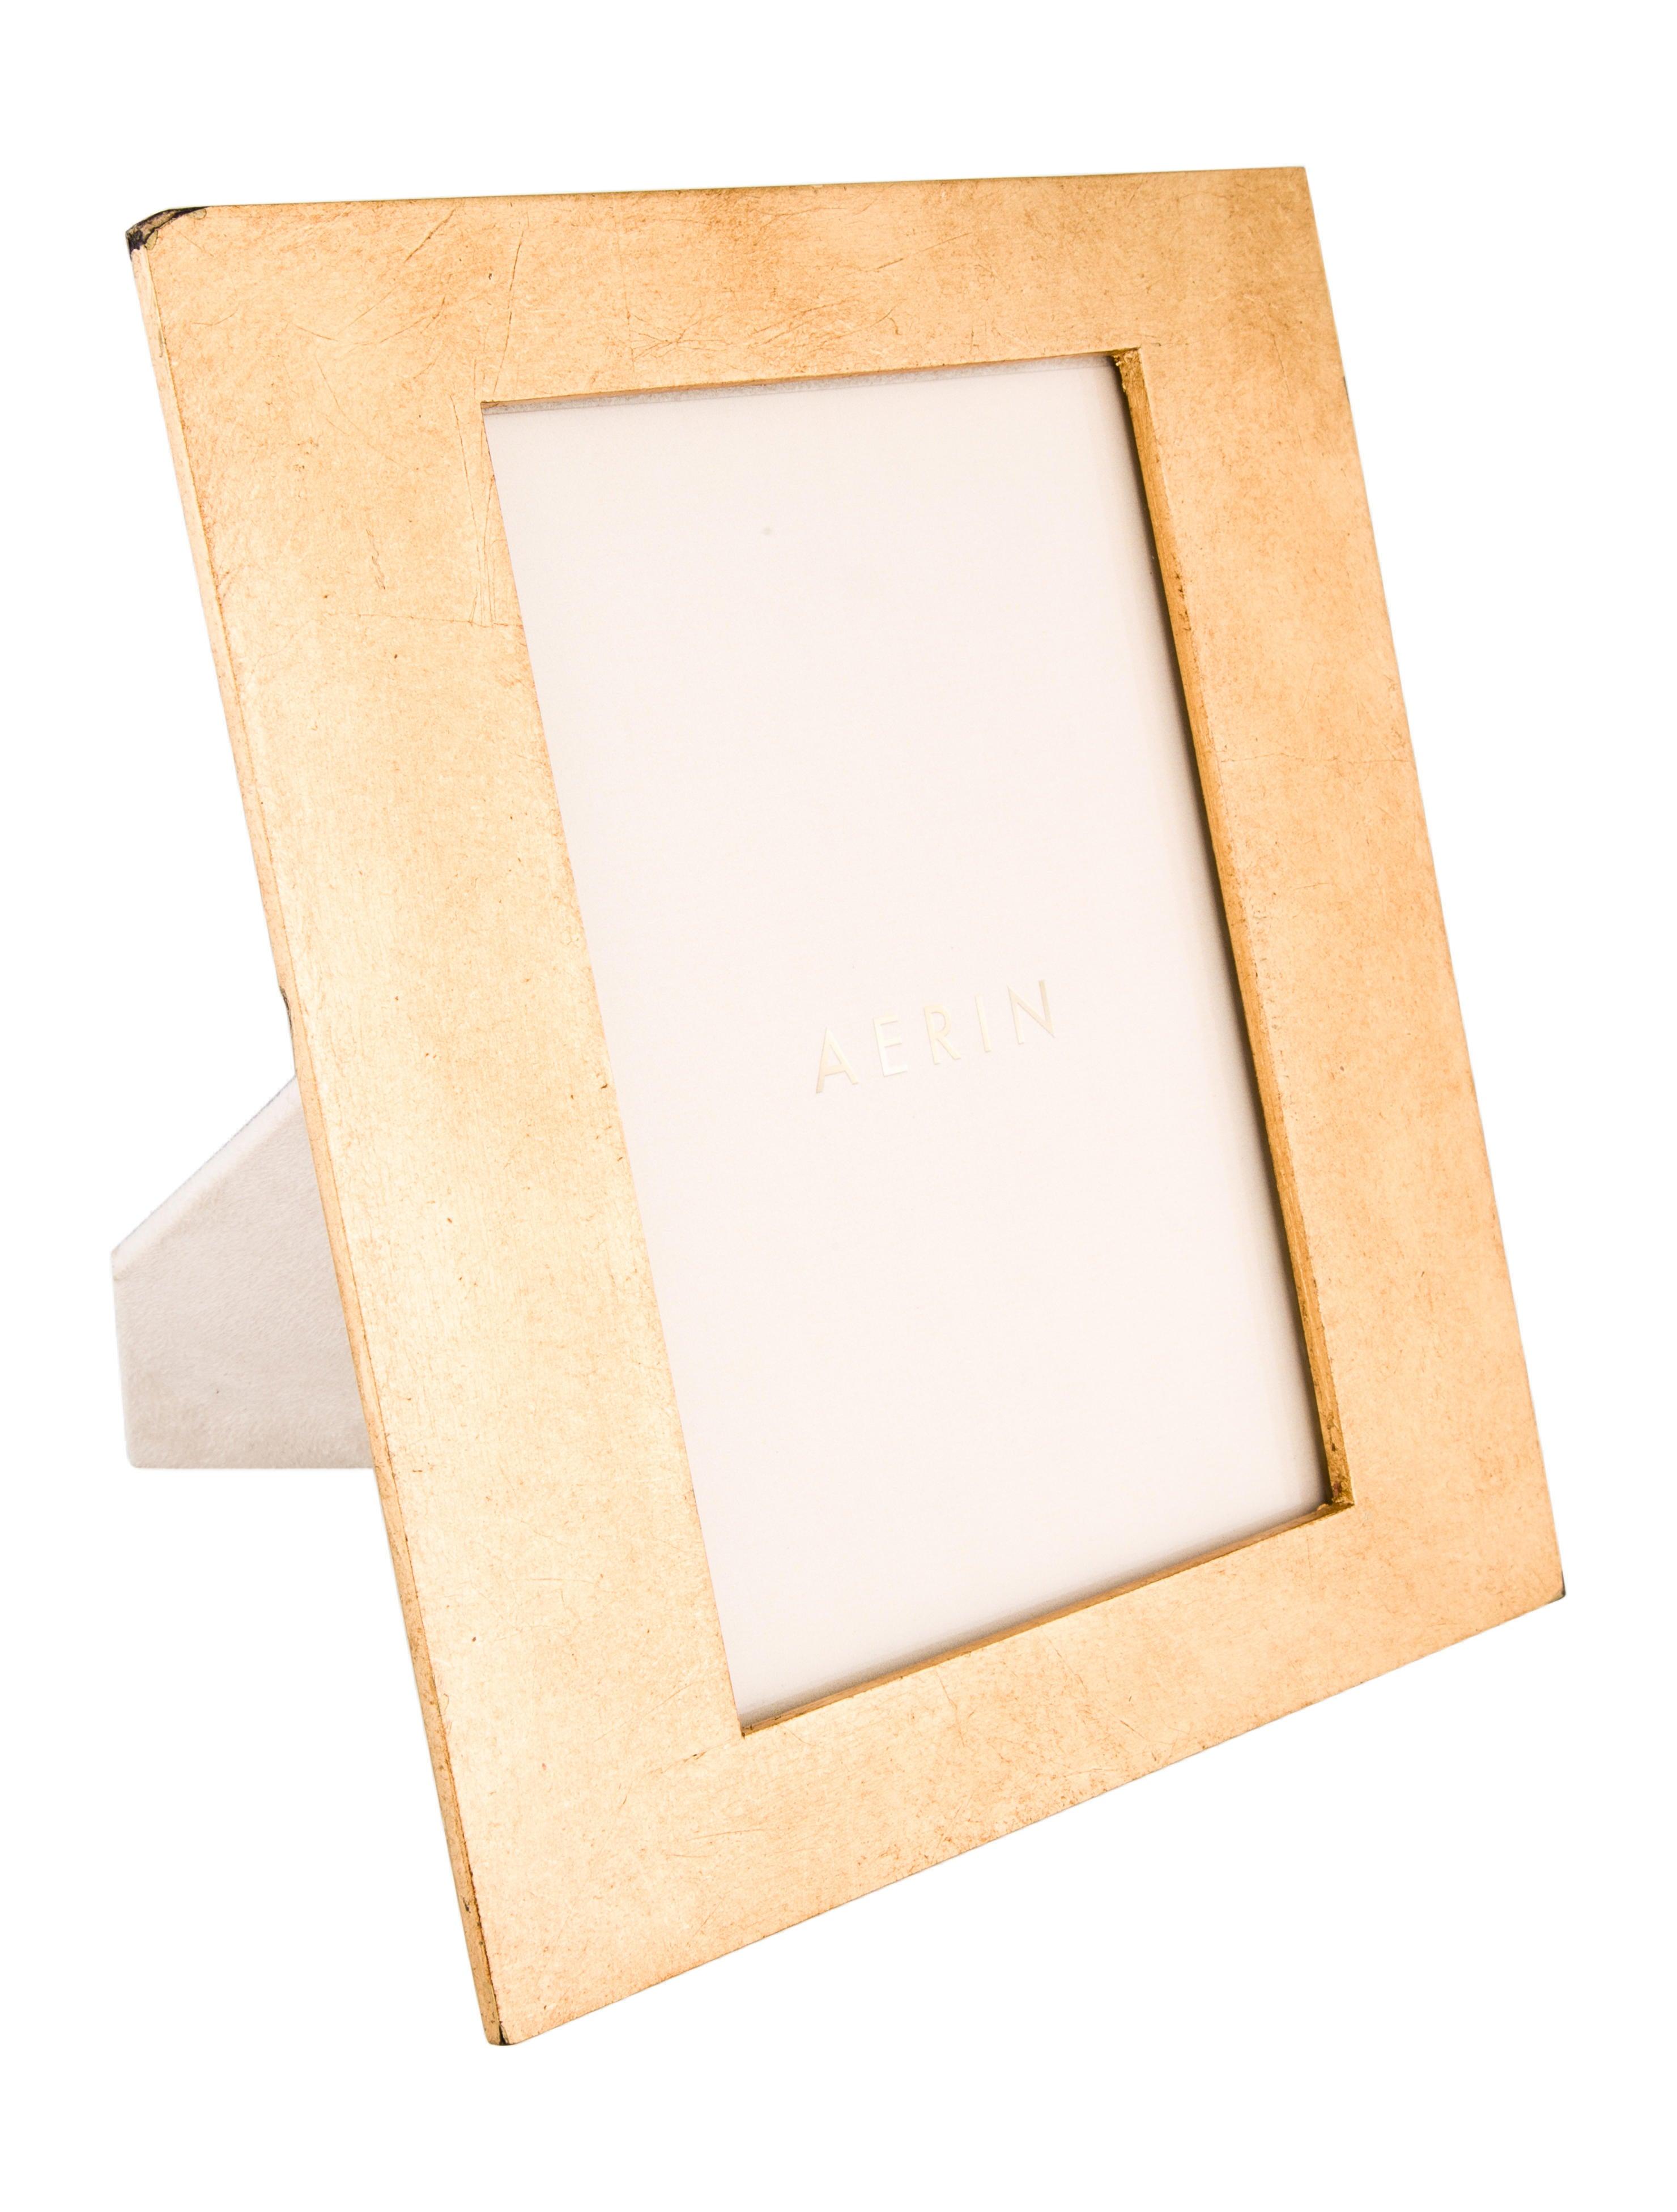 Gold Leaf Picture Frame